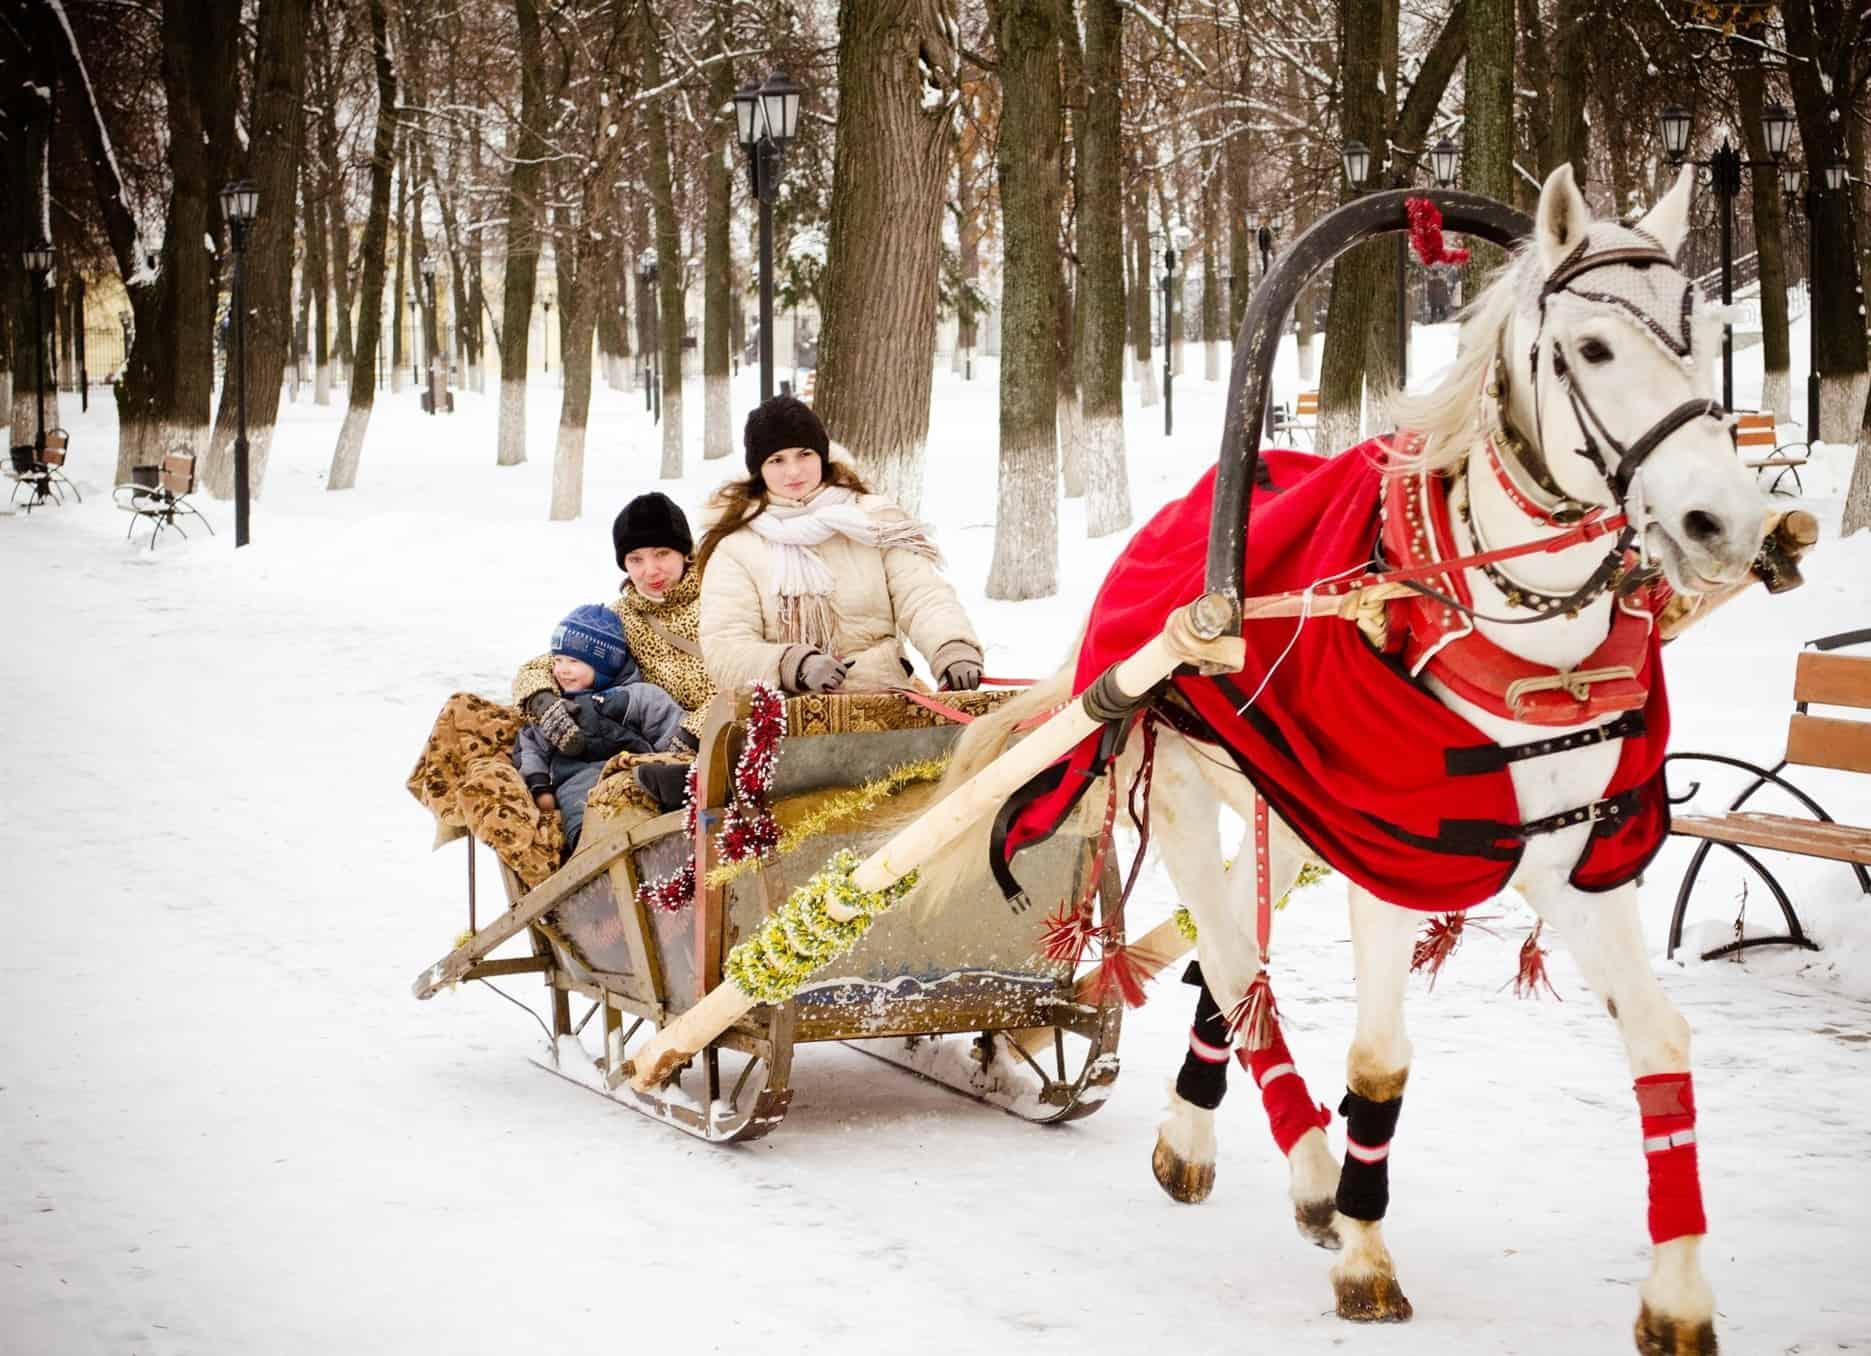 Катание на упряжках в московских парках Катание на упряжках в московских парках 5 9